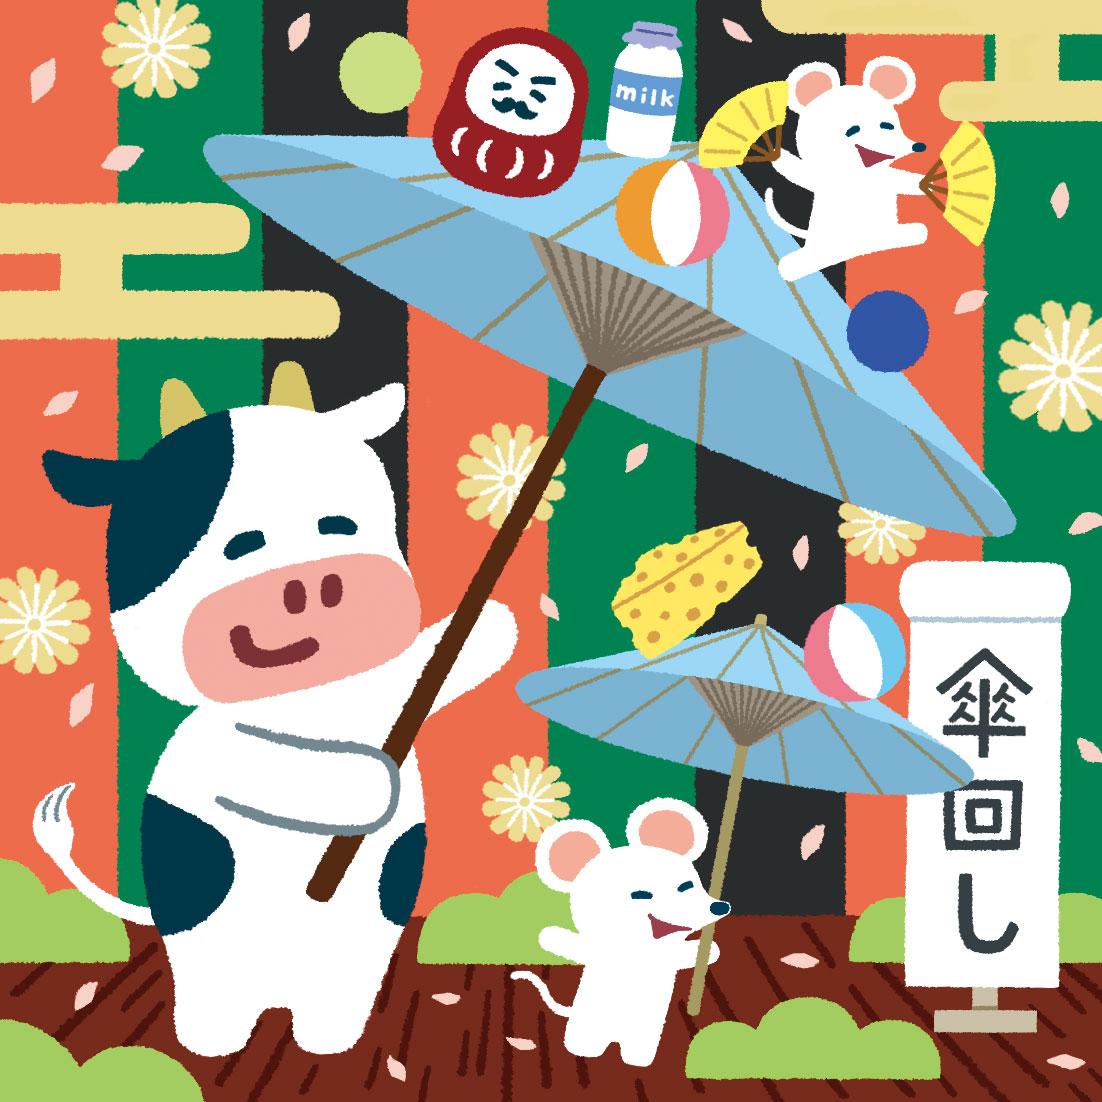 でっかい!まちがいさがし1月号/コスミック出版様